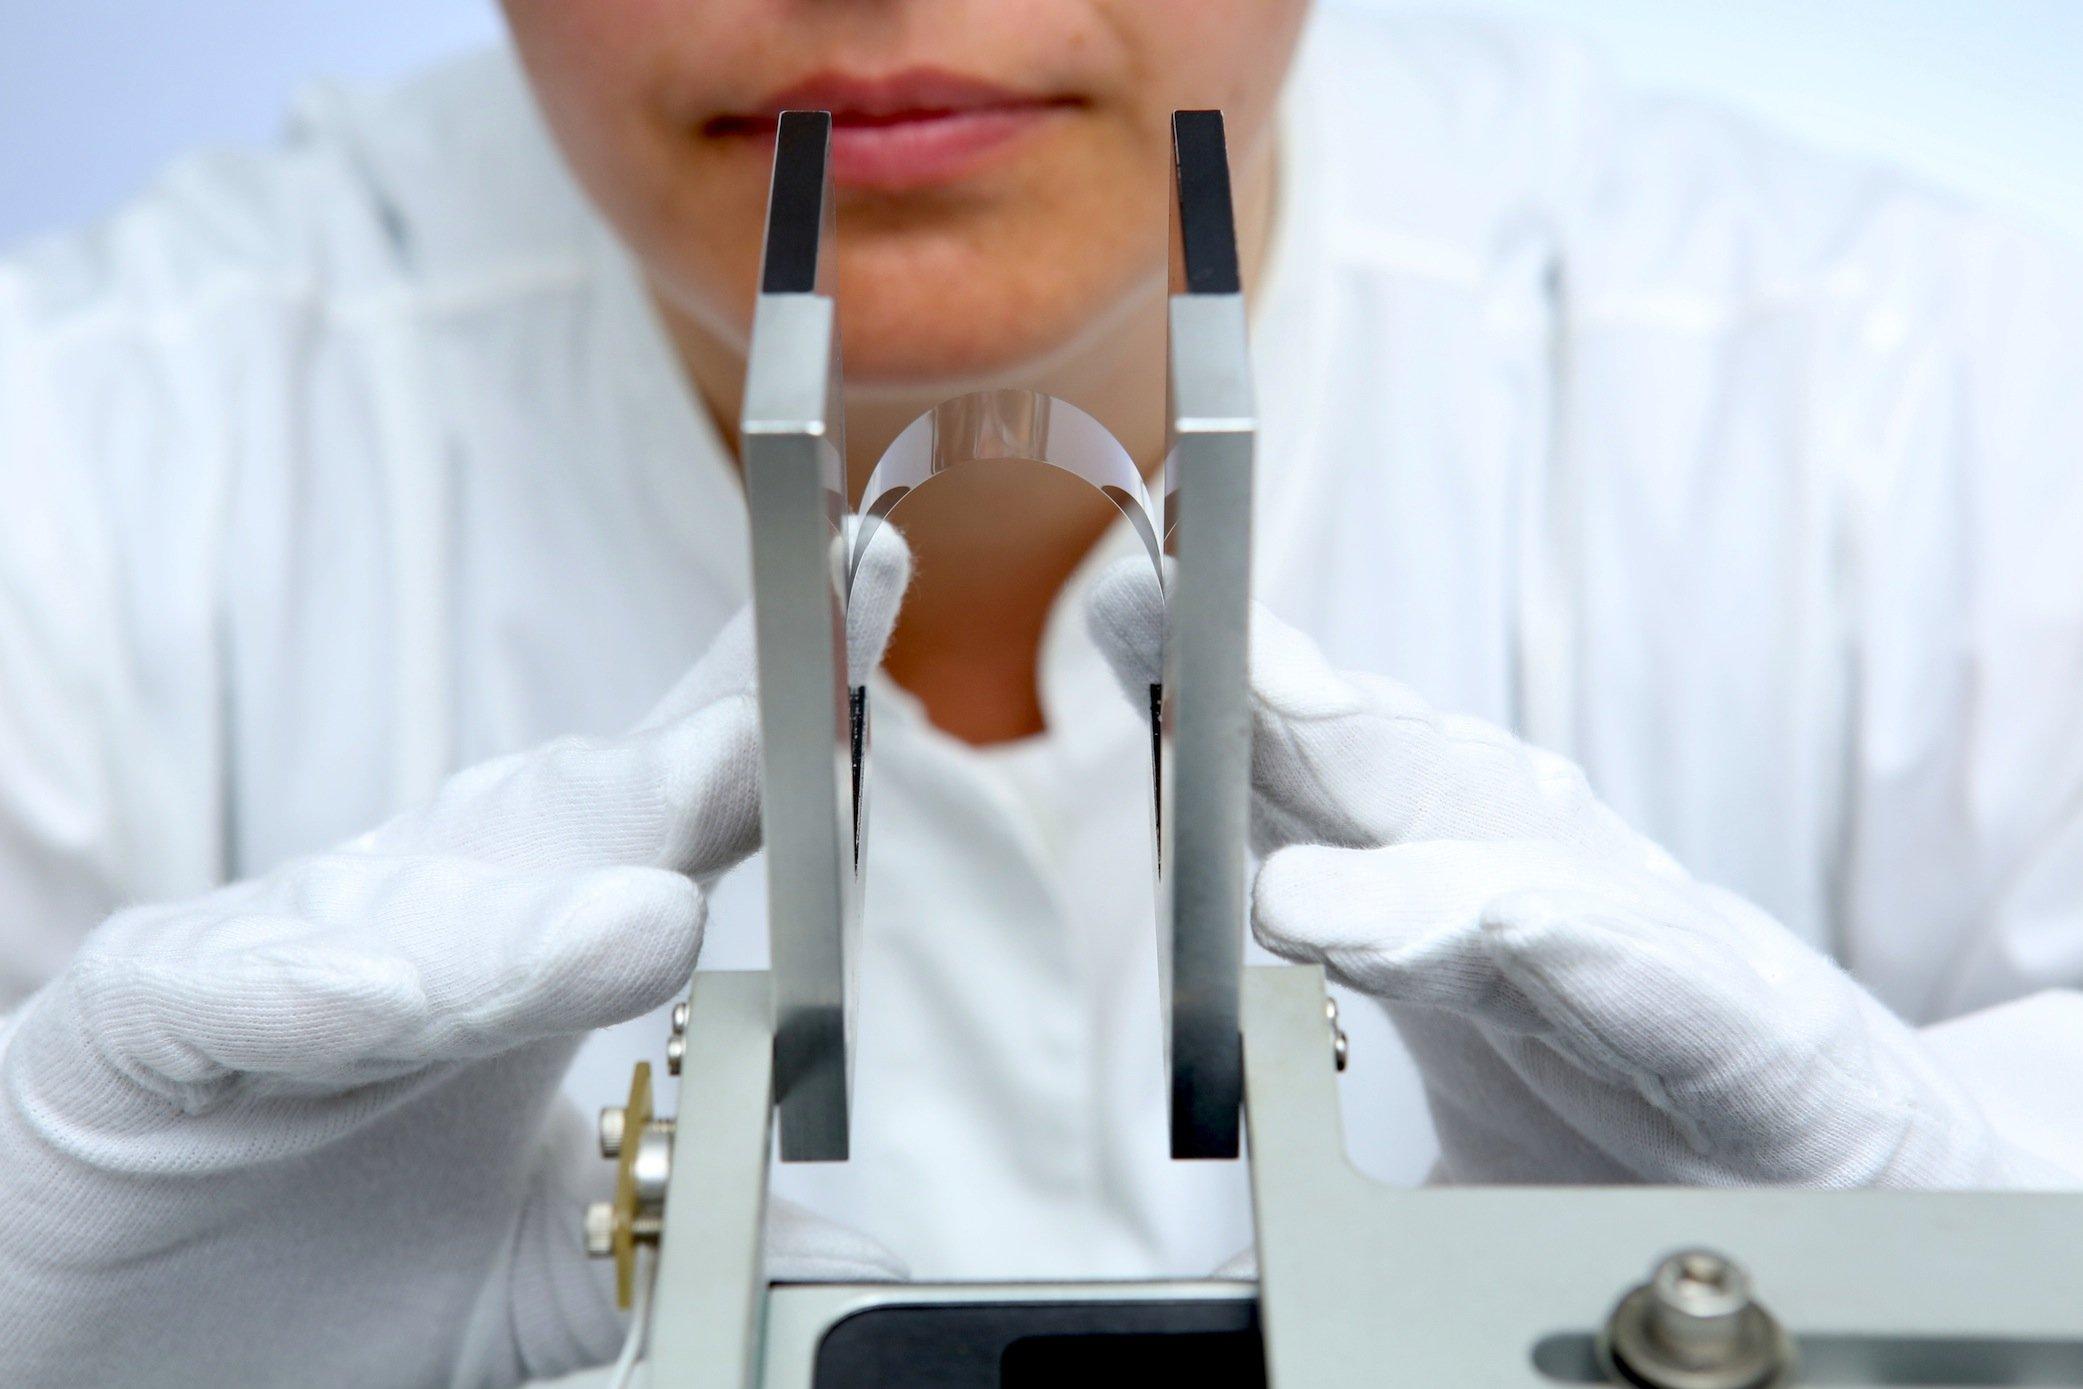 Das ultradünne Glas von Schott ist dünner als ein menschliches Haar und ungewöhnlich flexibel.